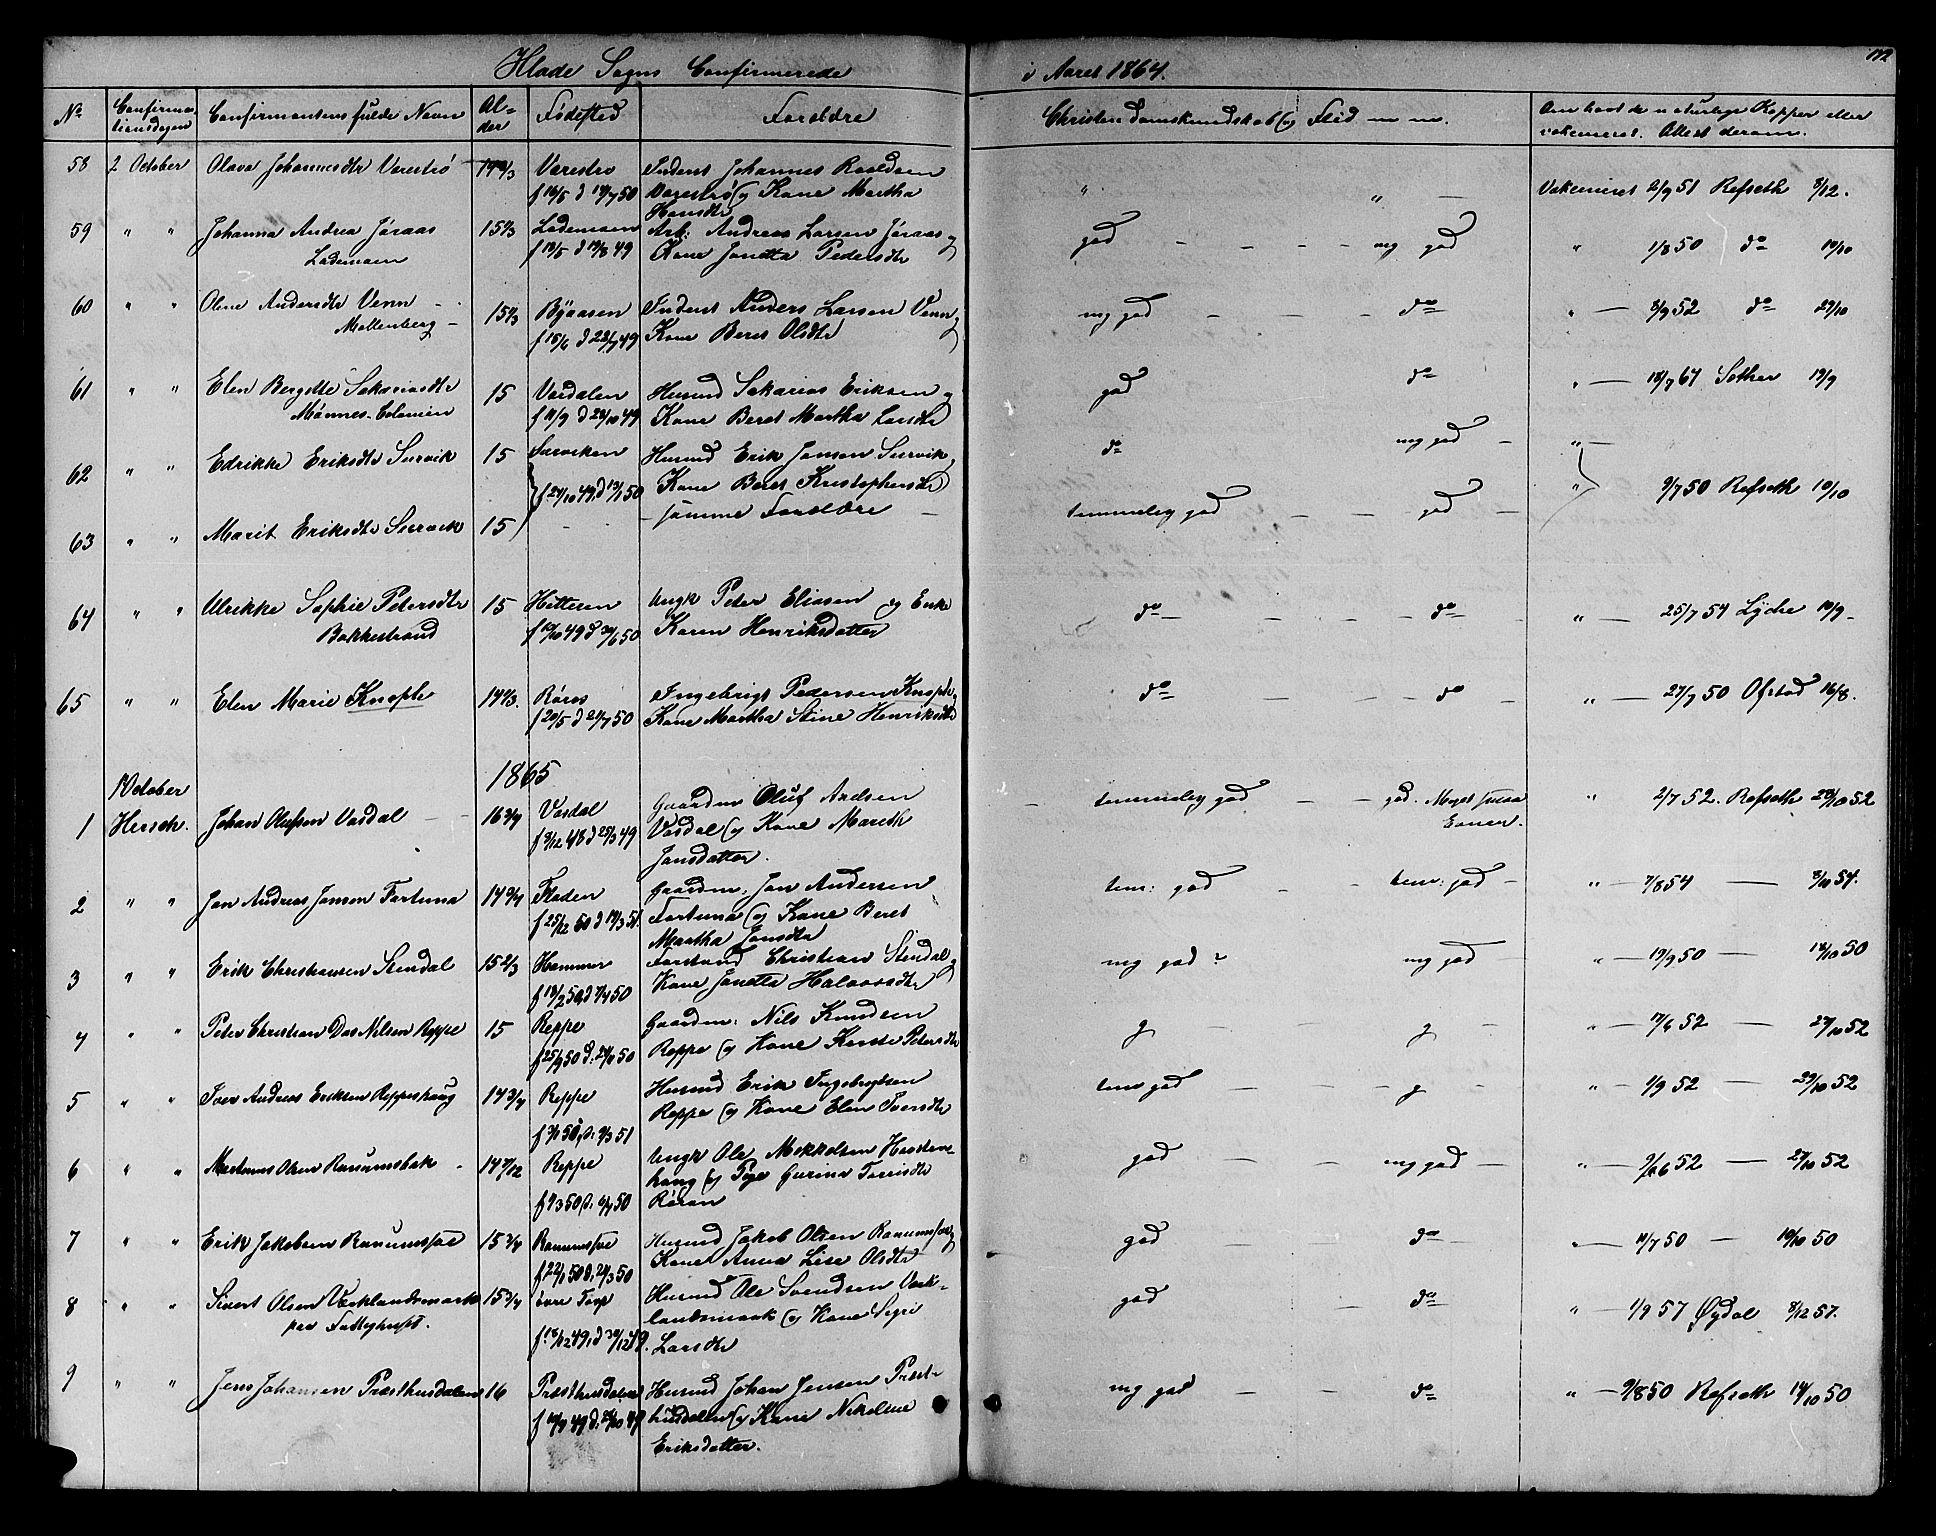 SAT, Ministerialprotokoller, klokkerbøker og fødselsregistre - Sør-Trøndelag, 606/L0311: Klokkerbok nr. 606C07, 1860-1877, s. 172